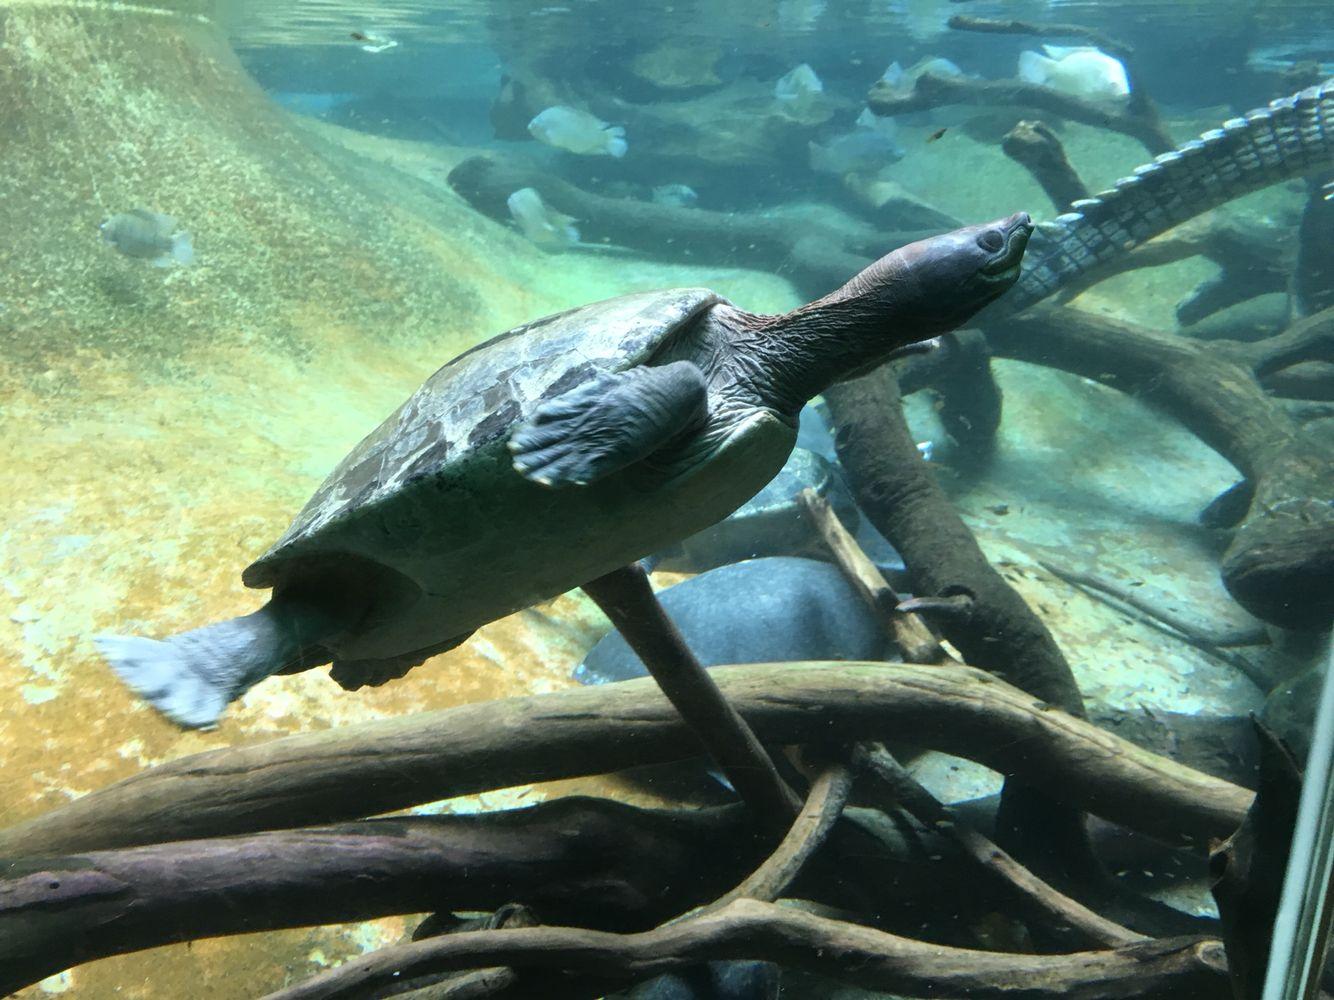 La tortuga es  maravillosa. Me encanta verla nadar. Los invito a observar a una cuando puedan ☺️